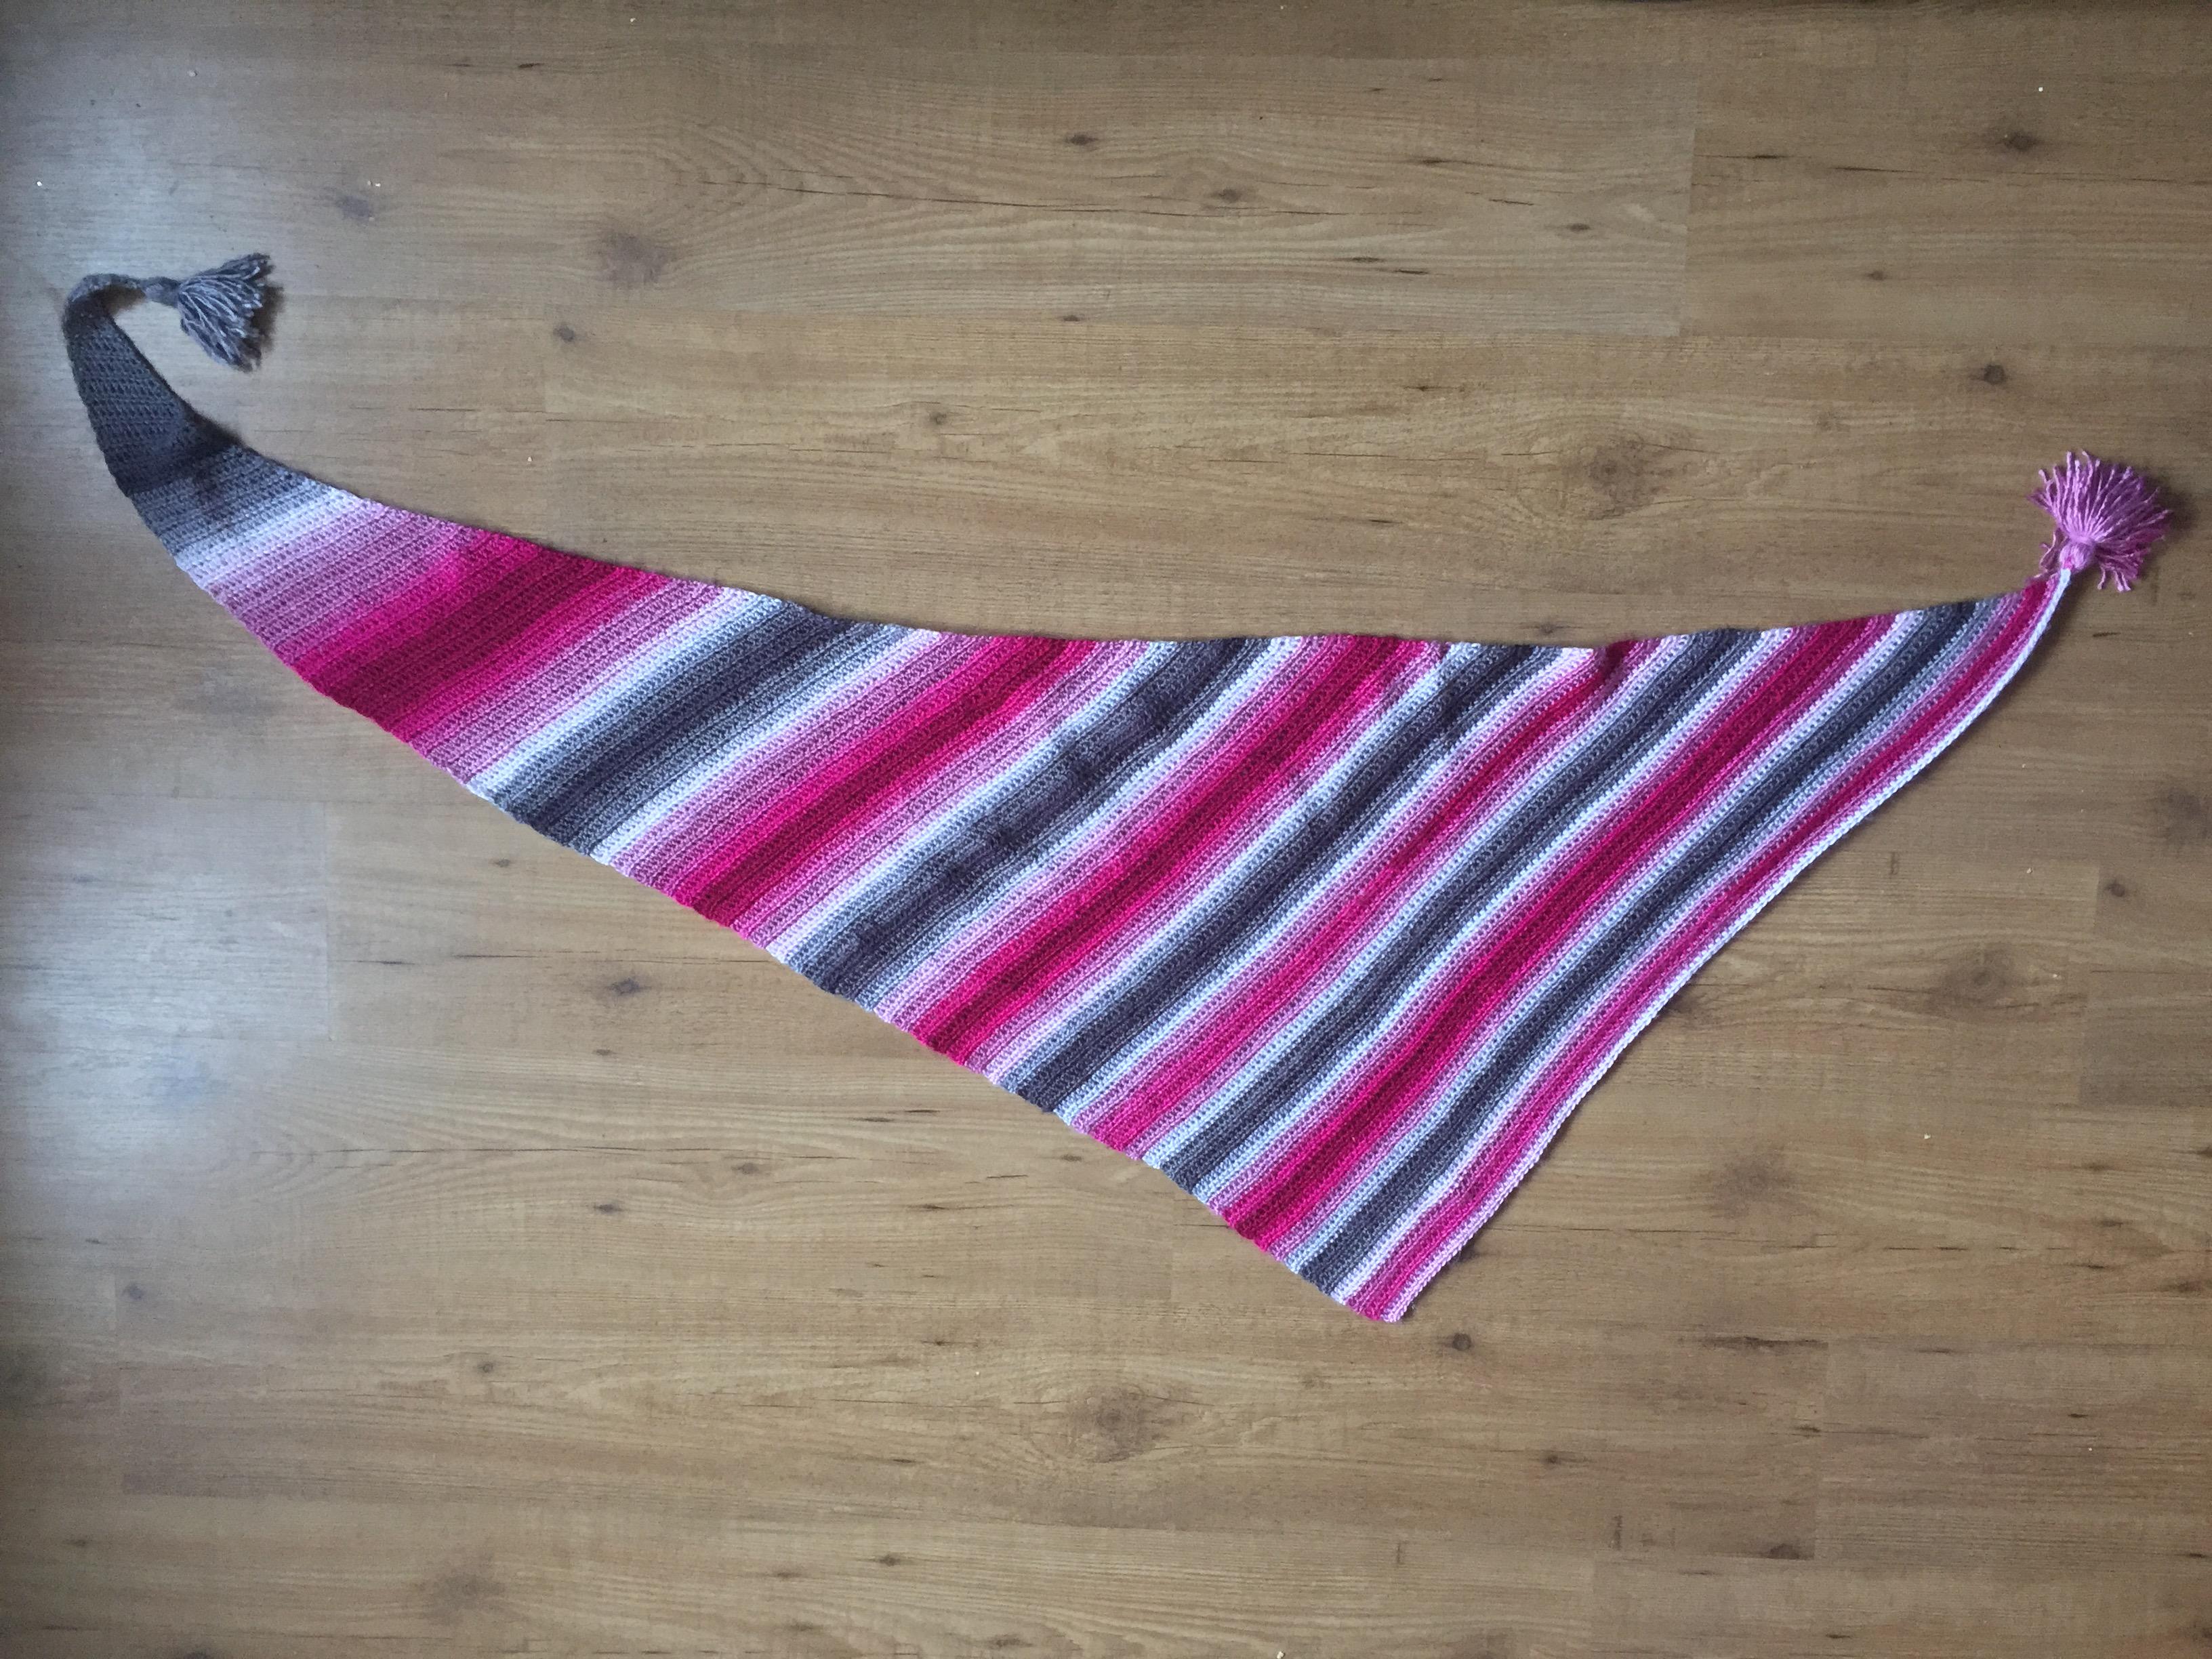 Scalene shawl by MissNeriss